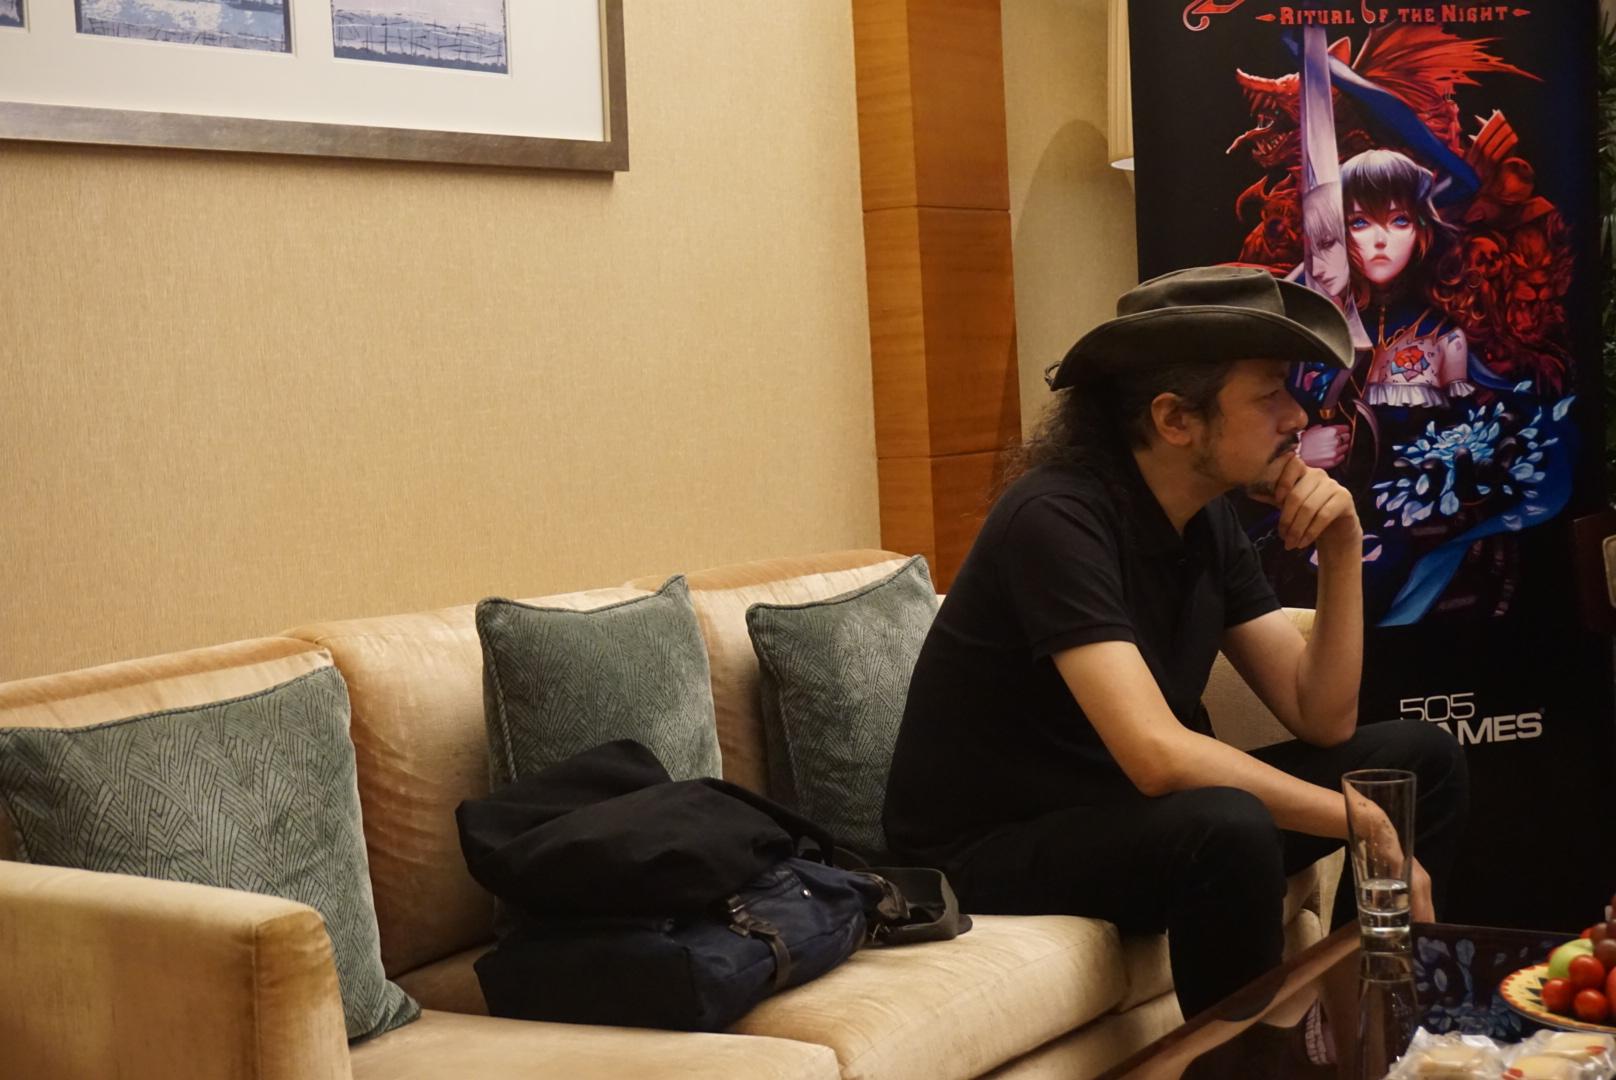 我和五十岚孝司聊了聊有关Epic独占的事情